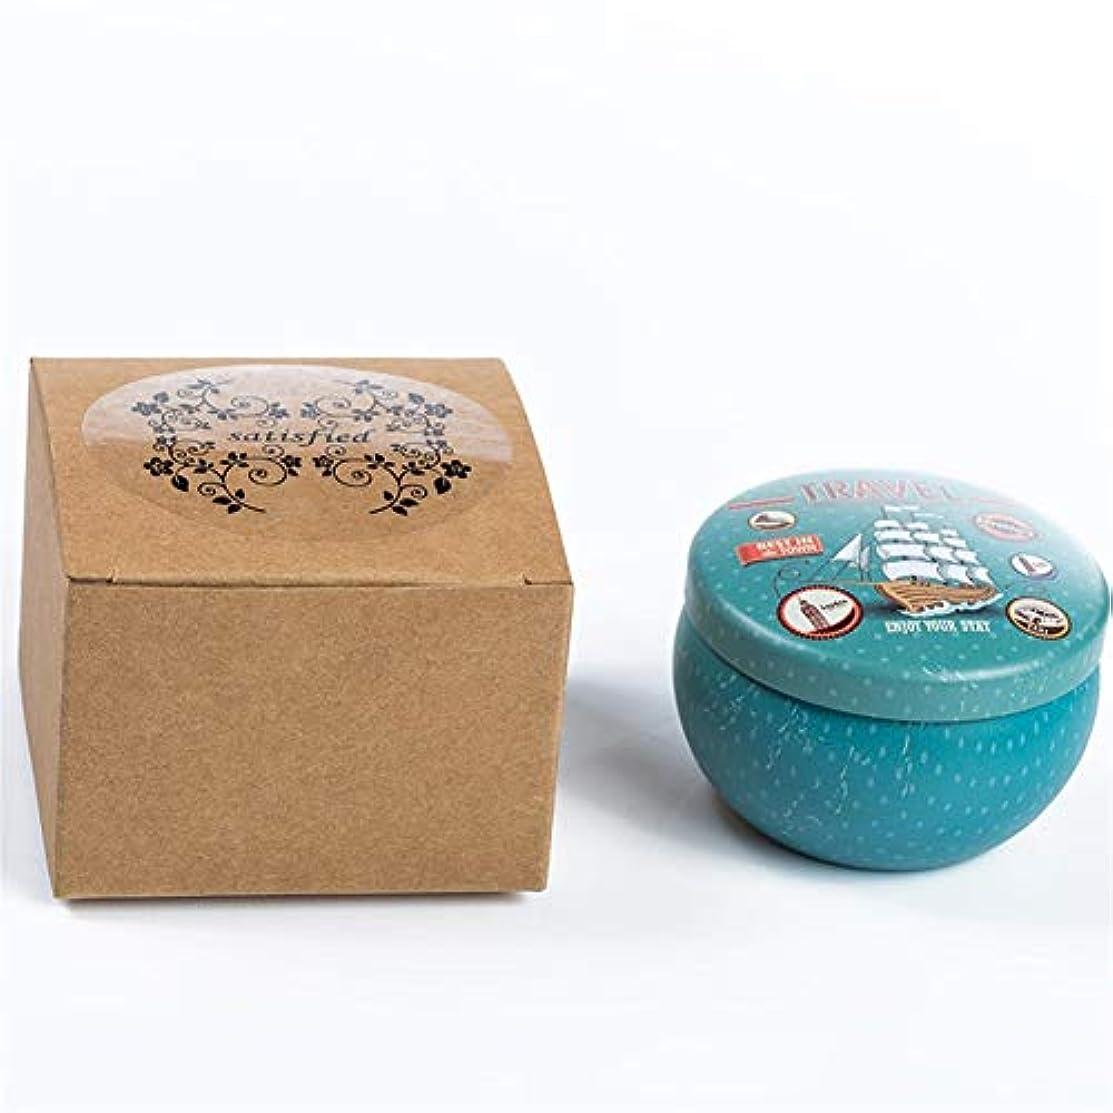 売上高舌なメカニックZtian 漫画のブリキの箱の香料入りの蝋燭の家のなだめるような睡眠、新しく、快適な臭いがする蝋燭 (色 : Blackberries)